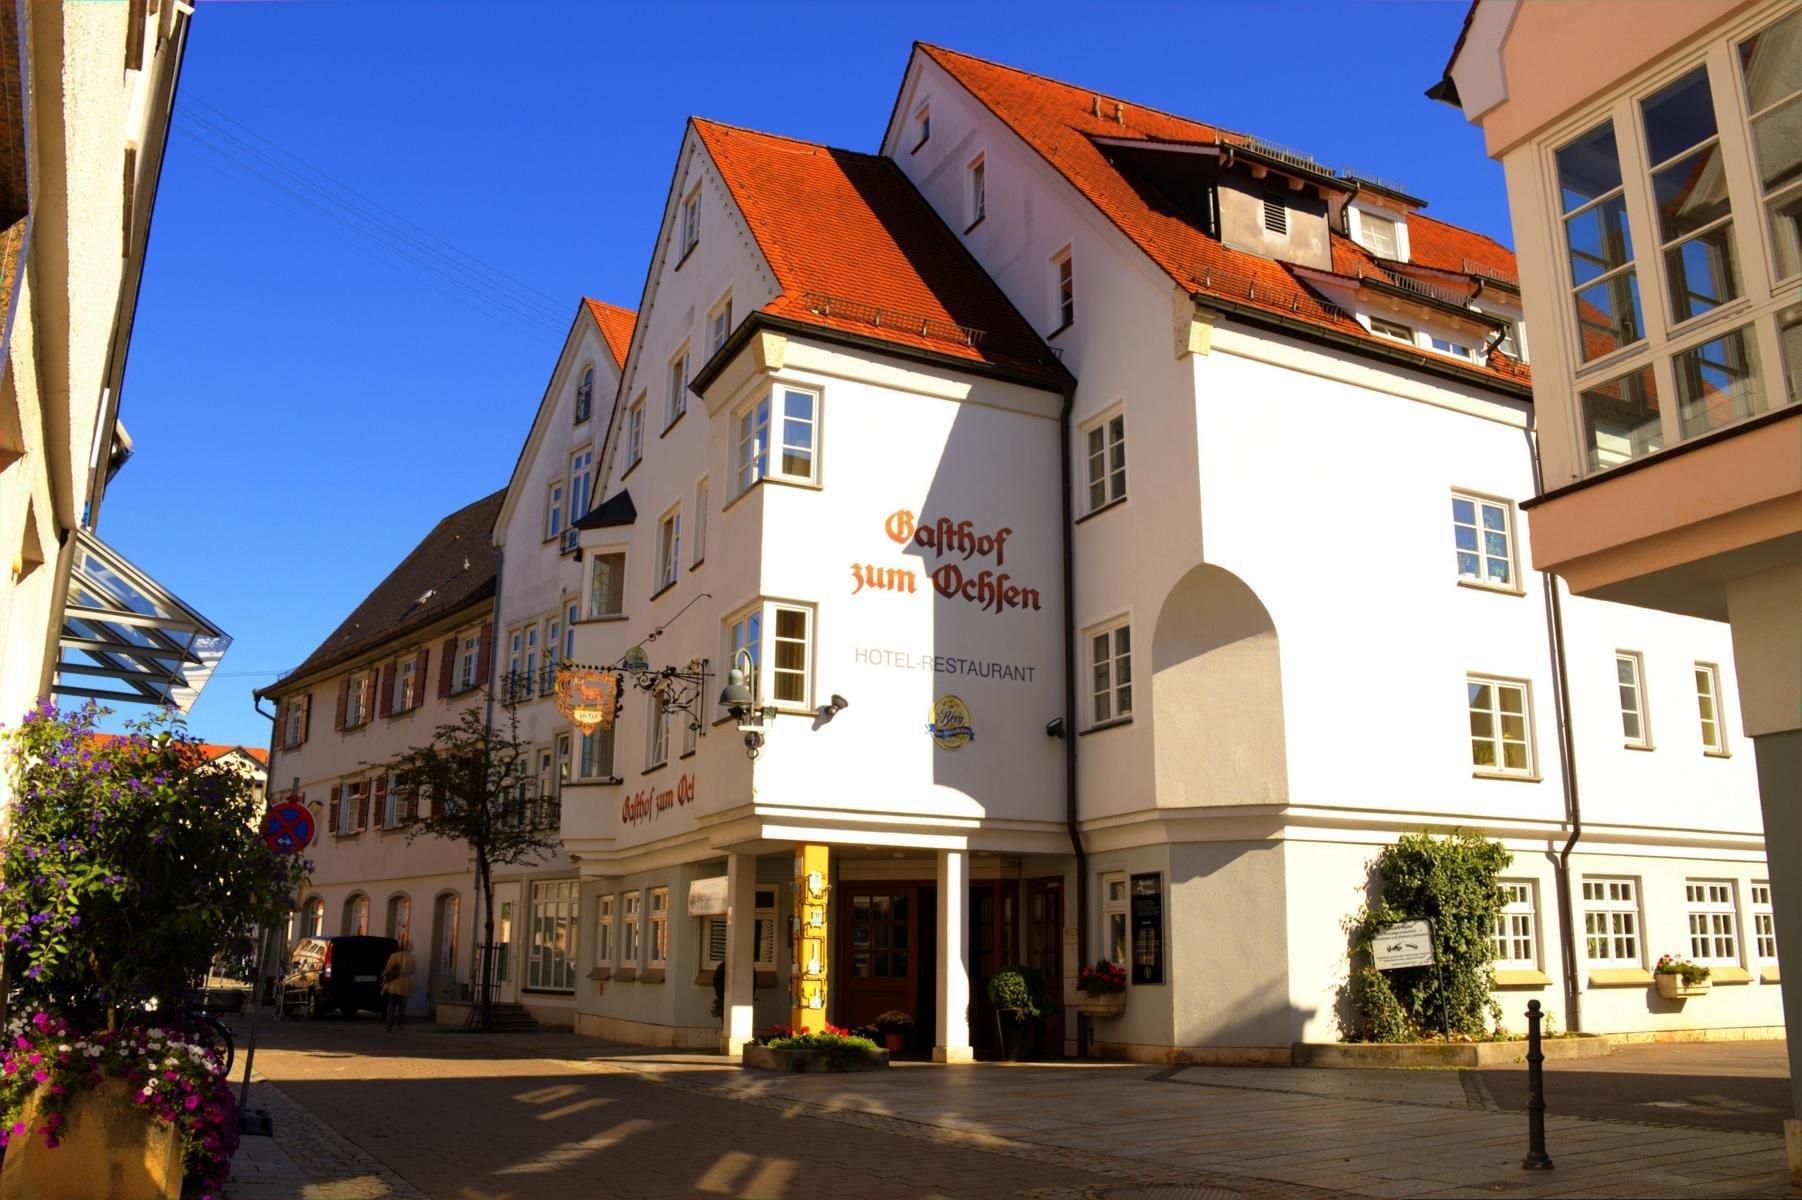 Ulmer Weihnachtsmarkt und Adventszauber an der Jungen Donau in Ehingen